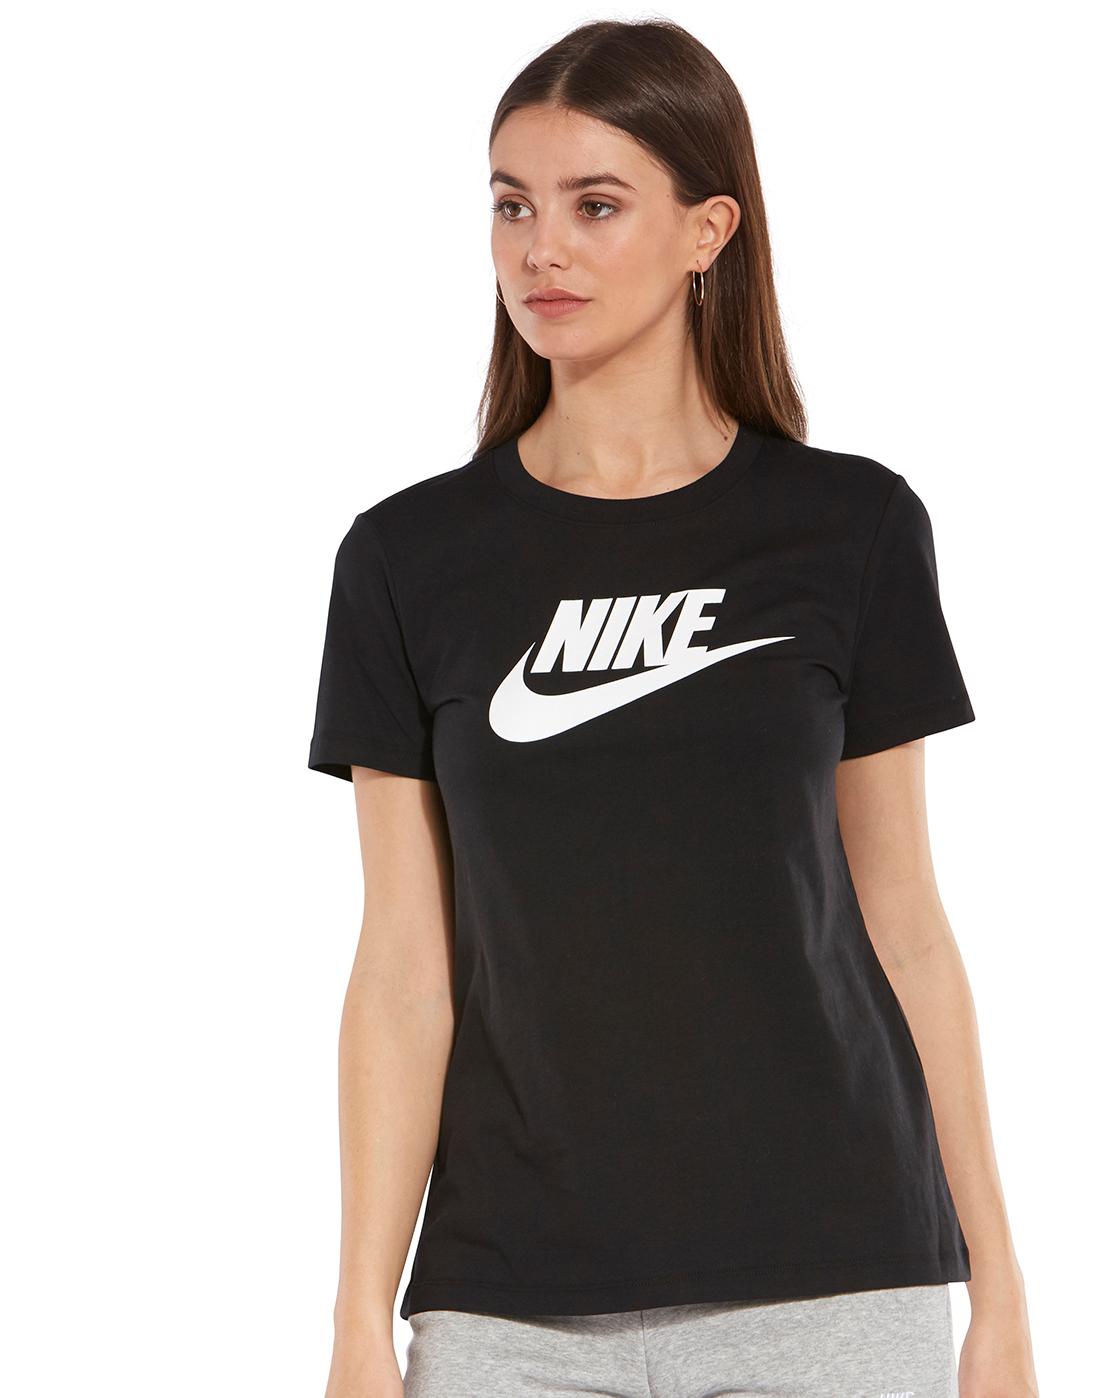 066d532740682 Women's Black Nike T-Shirt | Life Style Sports